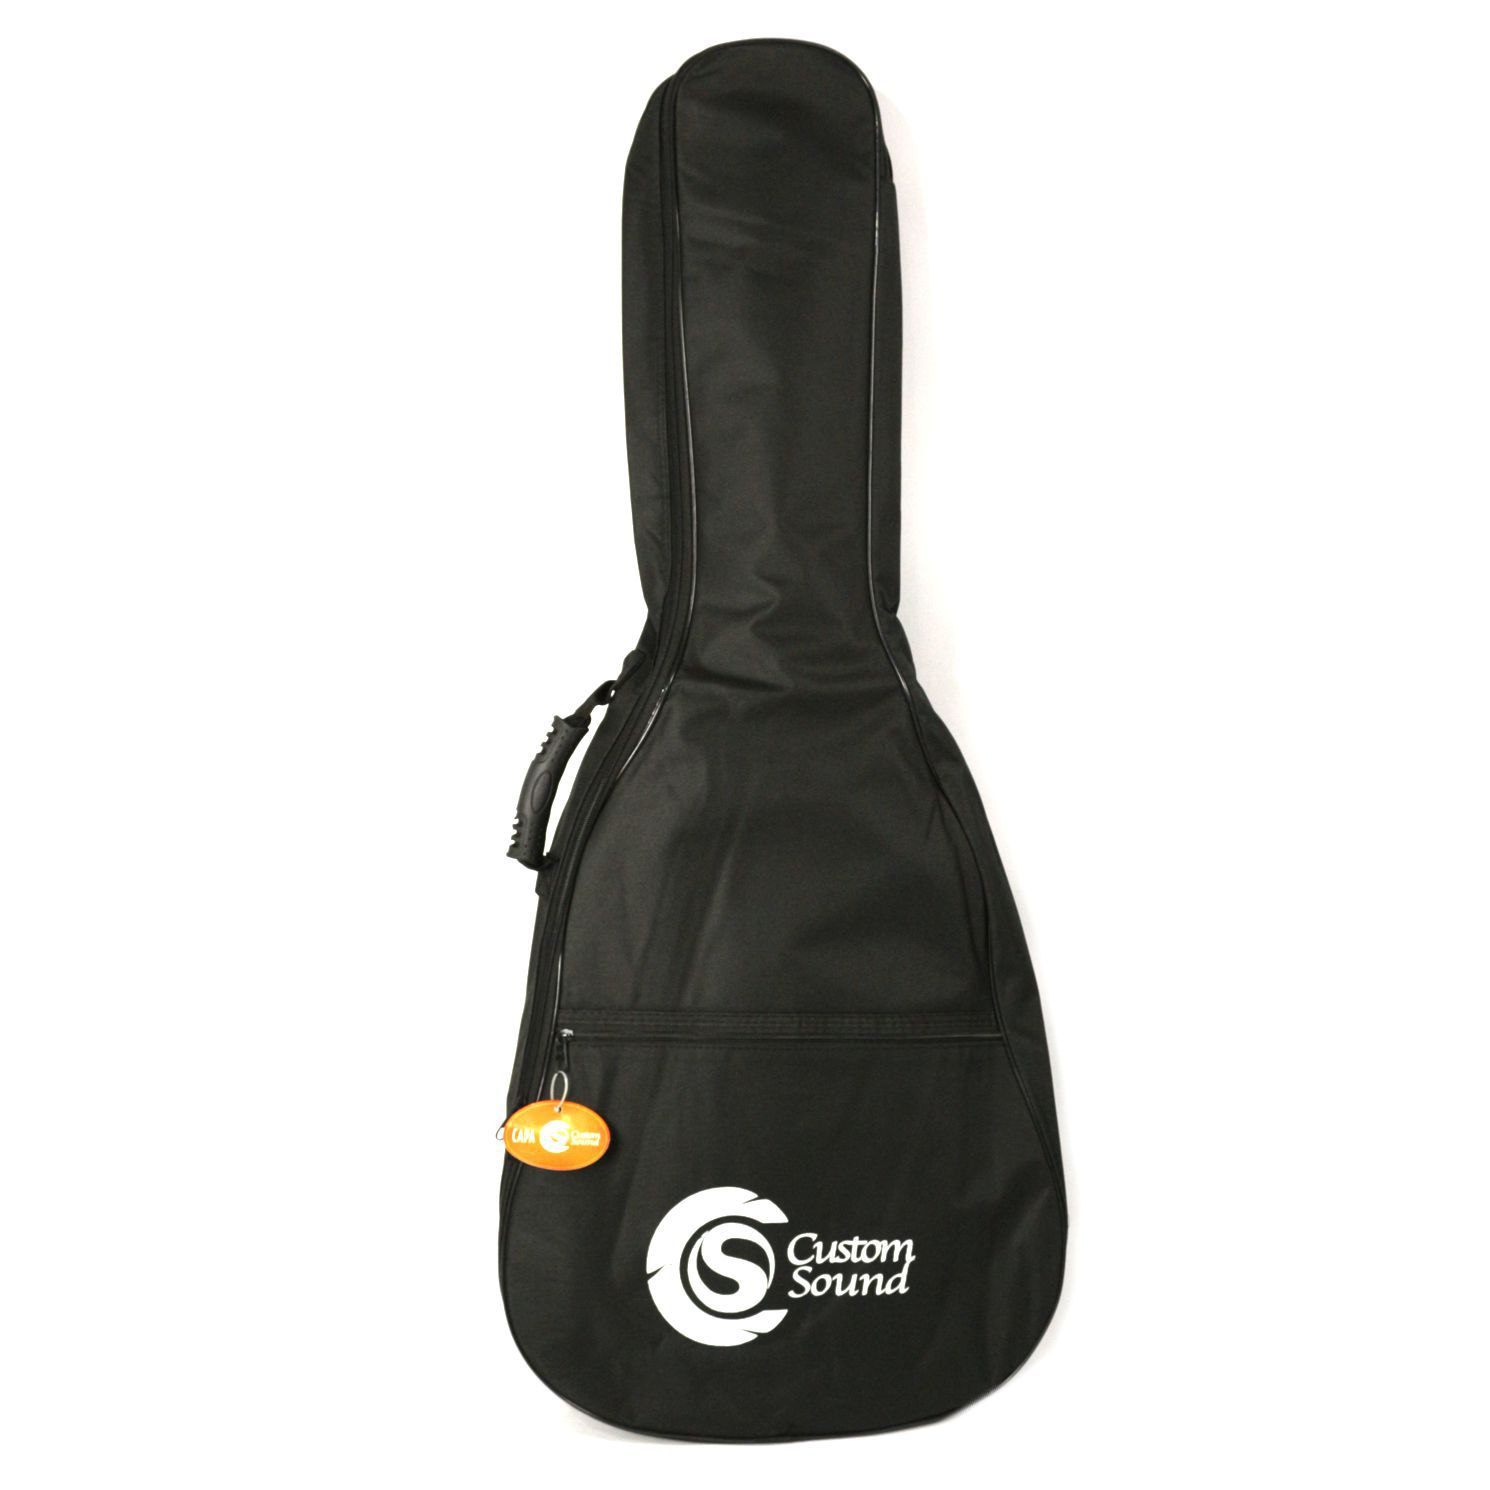 Capa Custom Sound Luxo para Violão Clássico - Preta CVC1-BK